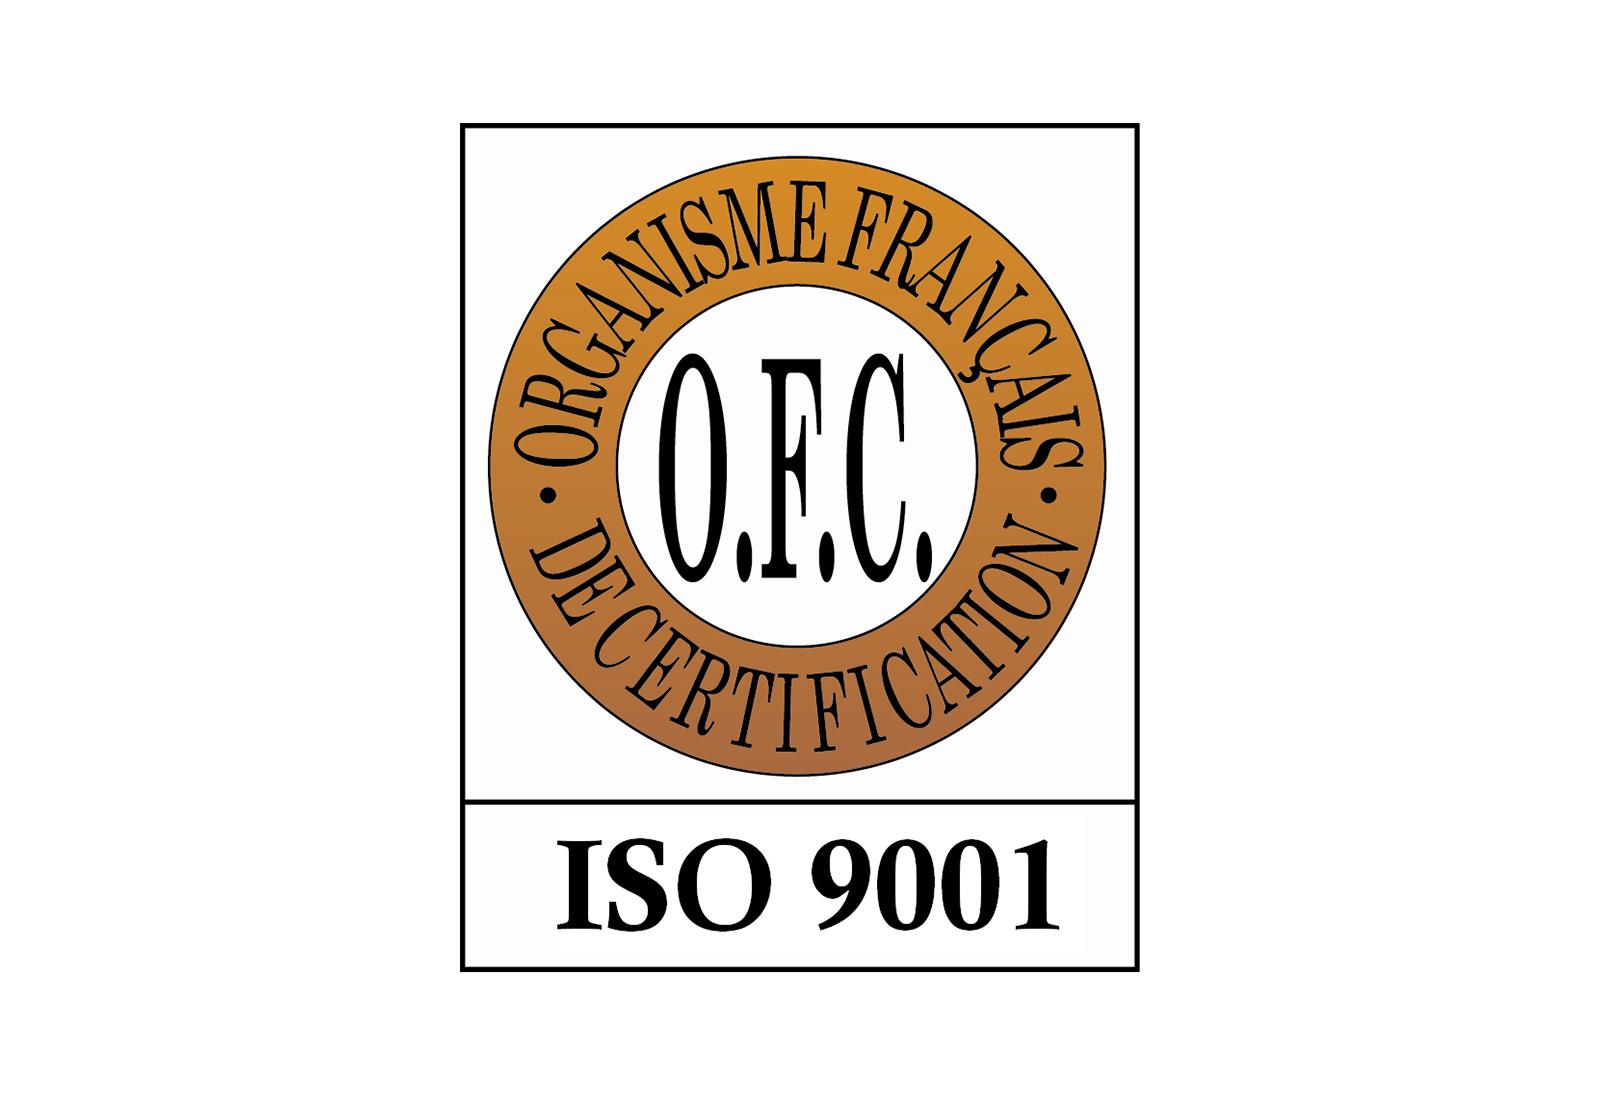 Lyon-cintrage-Seignobos-certification-ISO